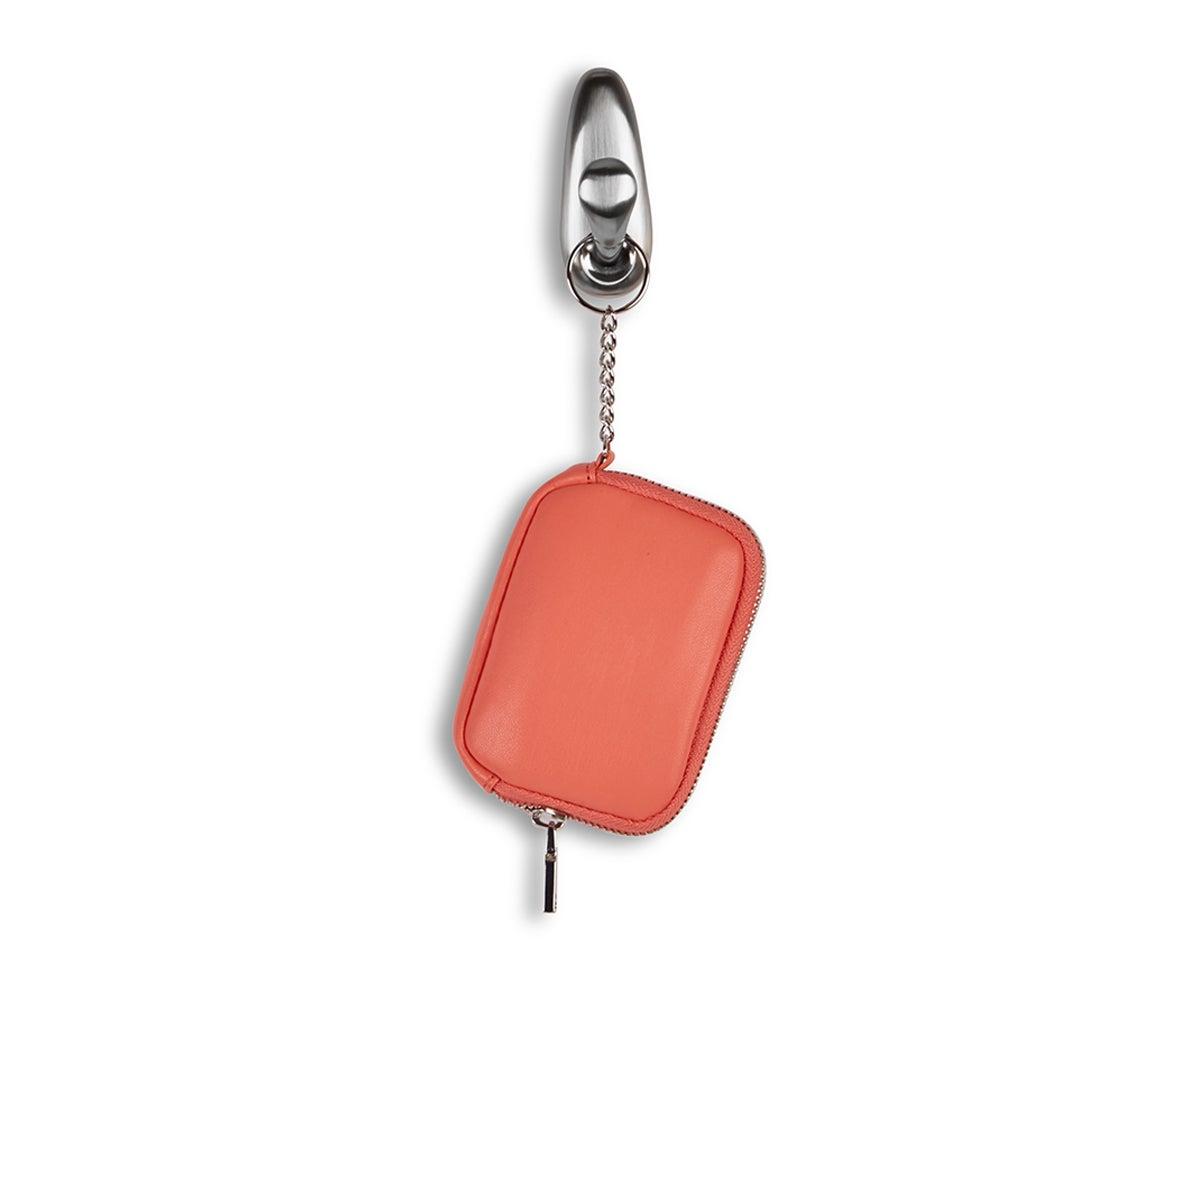 Lds coral zip up wallet